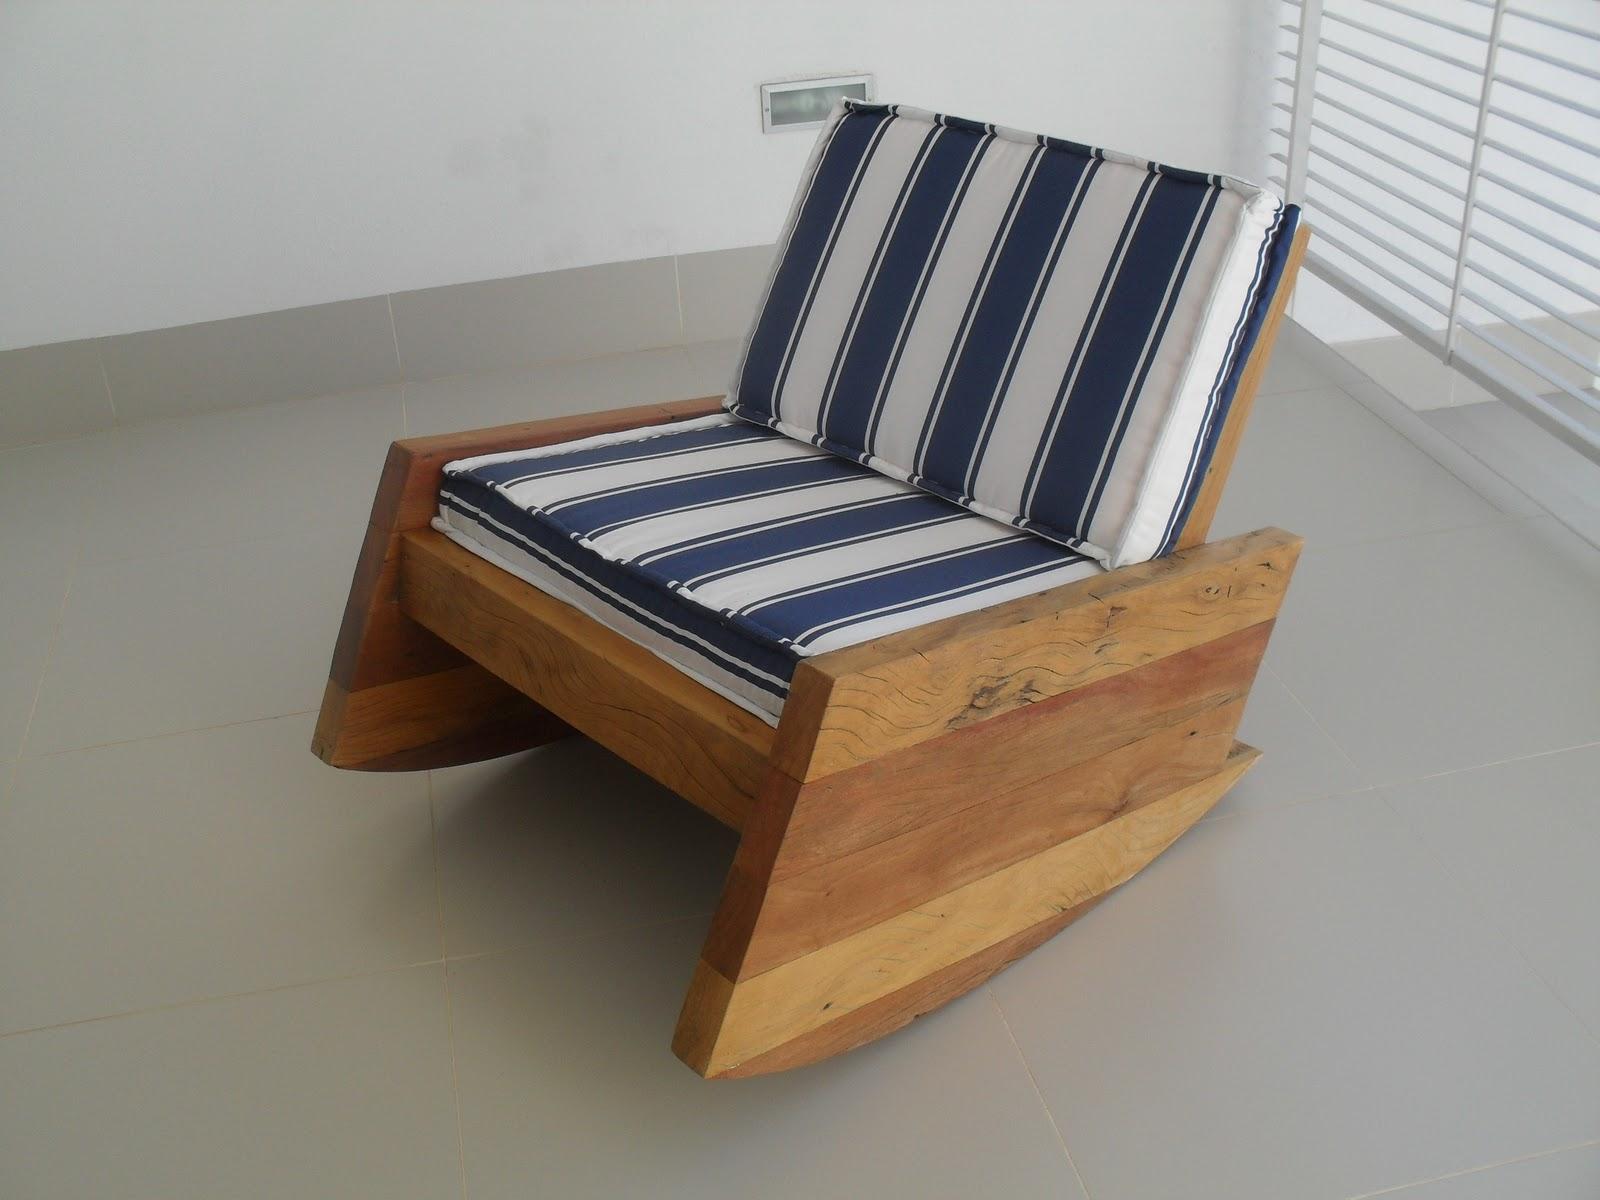 Cadeira de balanço #613E22 1600x1200